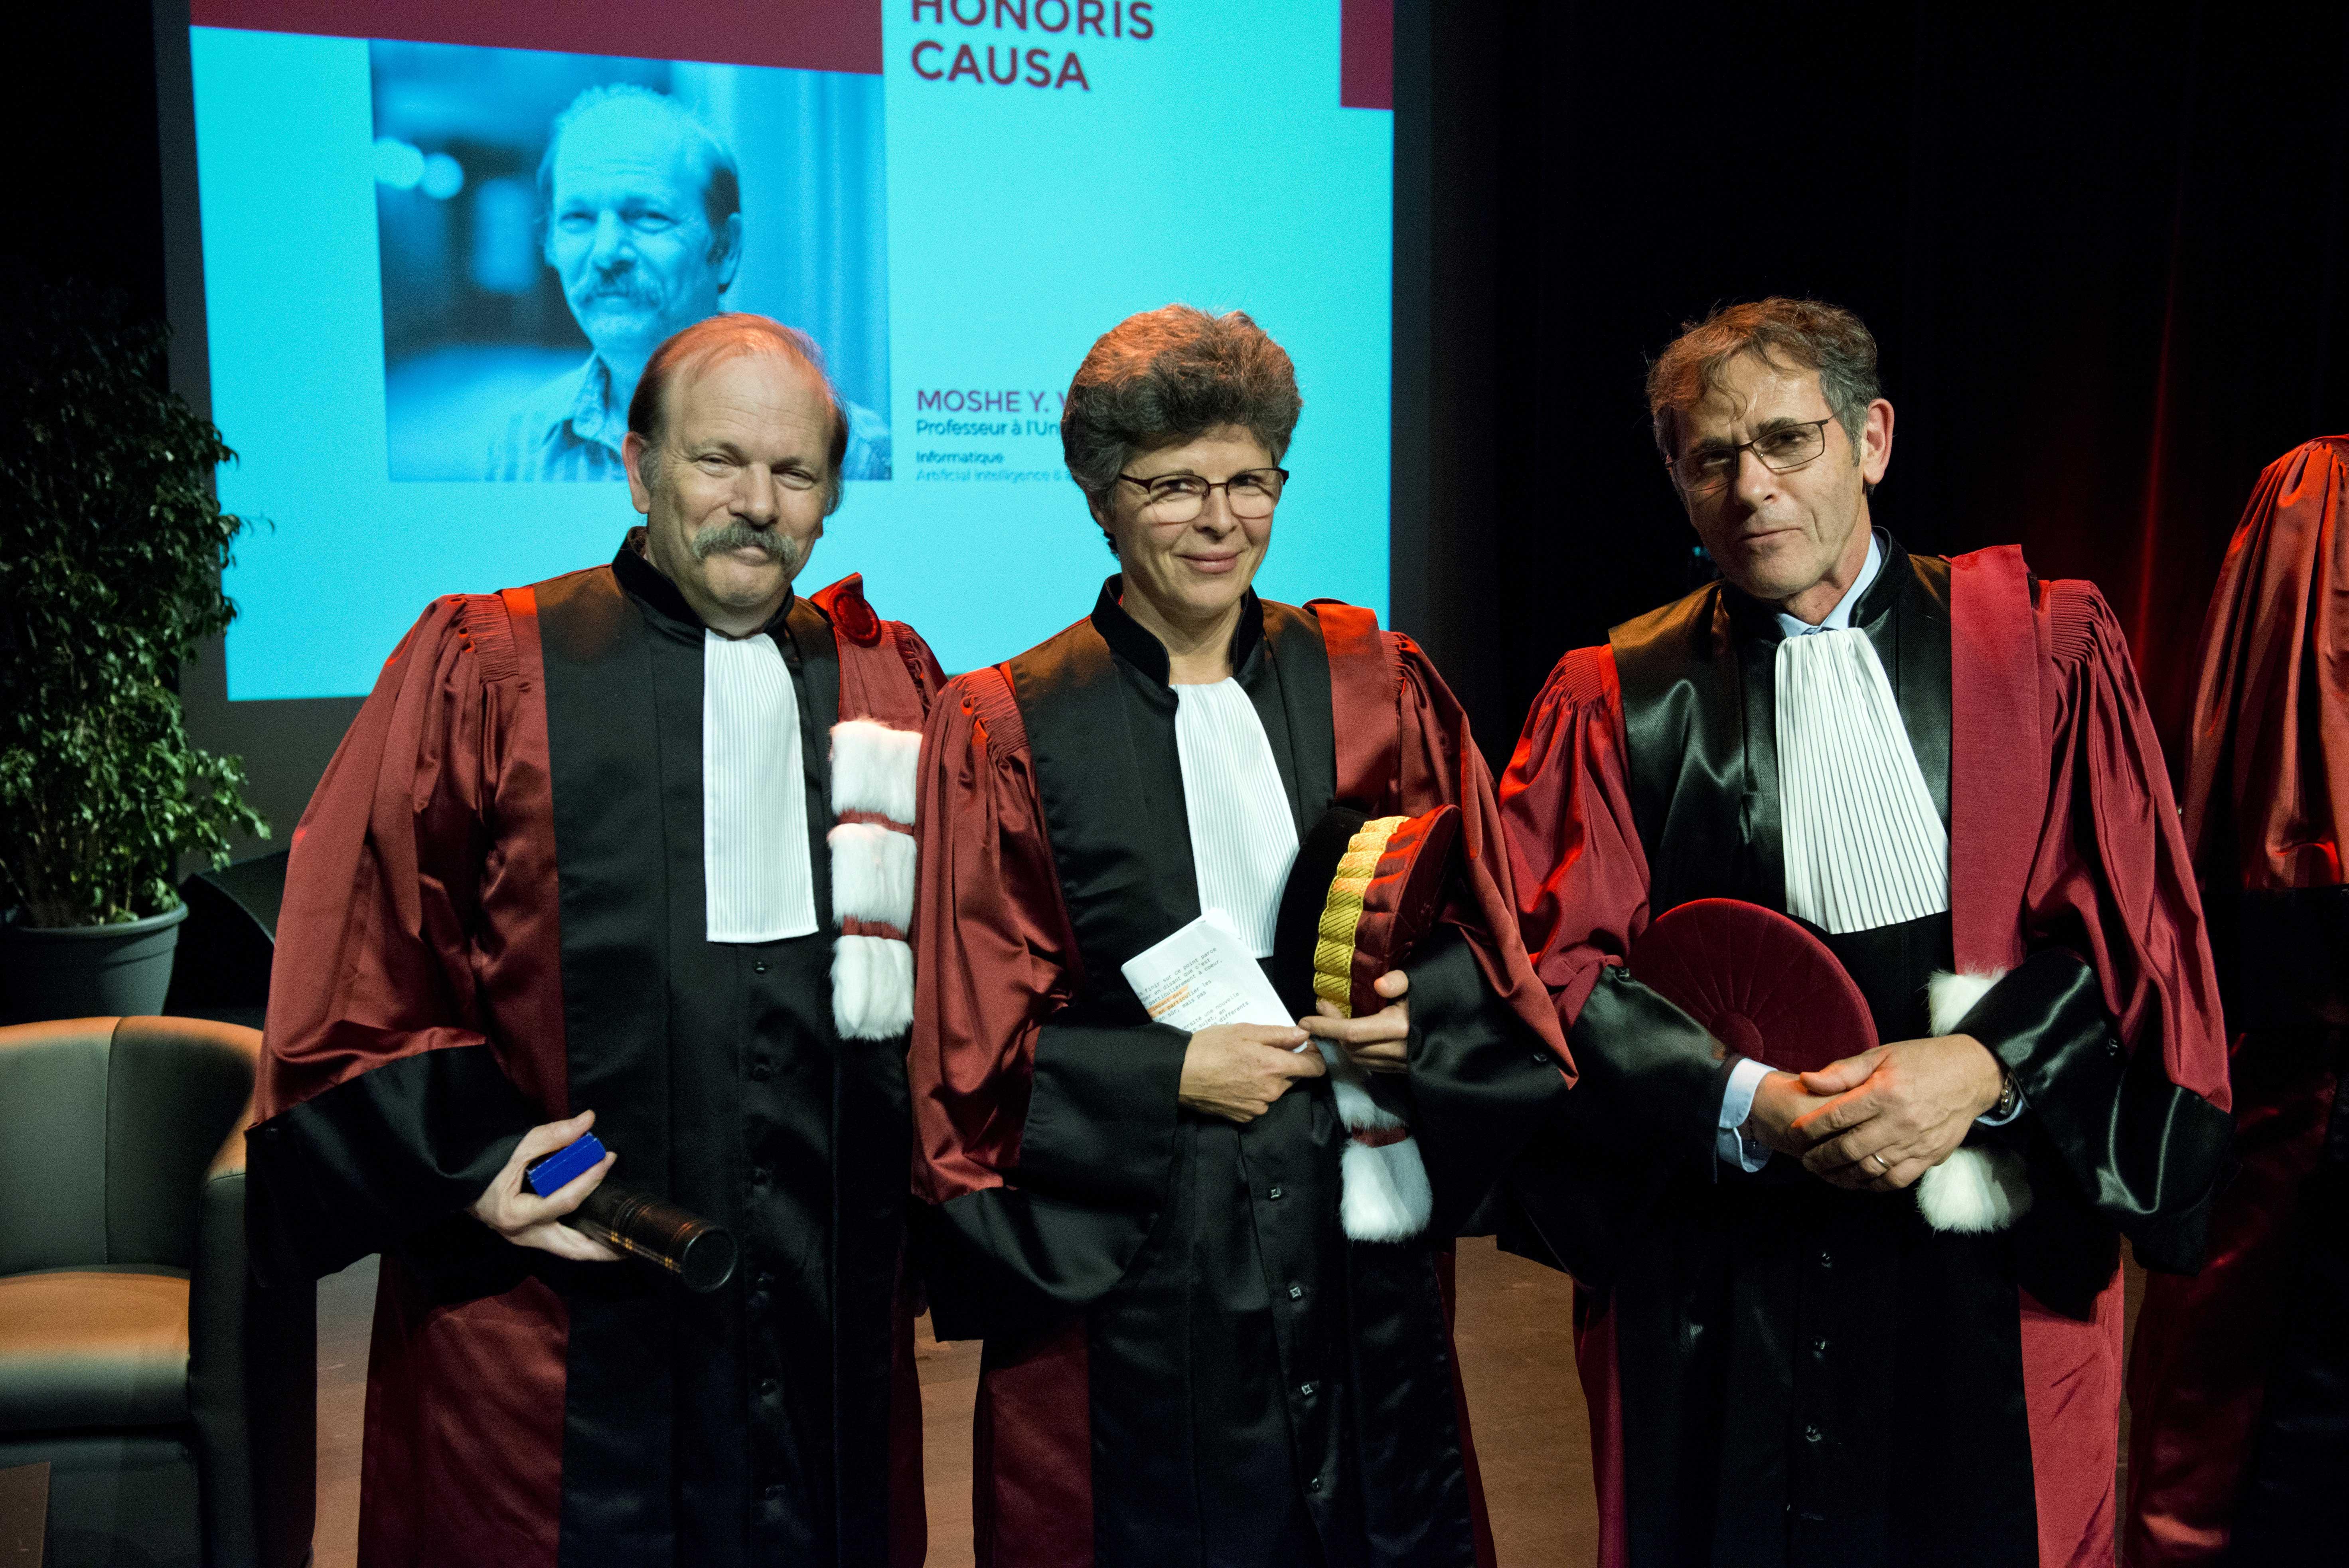 Moshe Y. Vardi entouré de sa marraine, Florence Maraninchi et du président de l'UGA